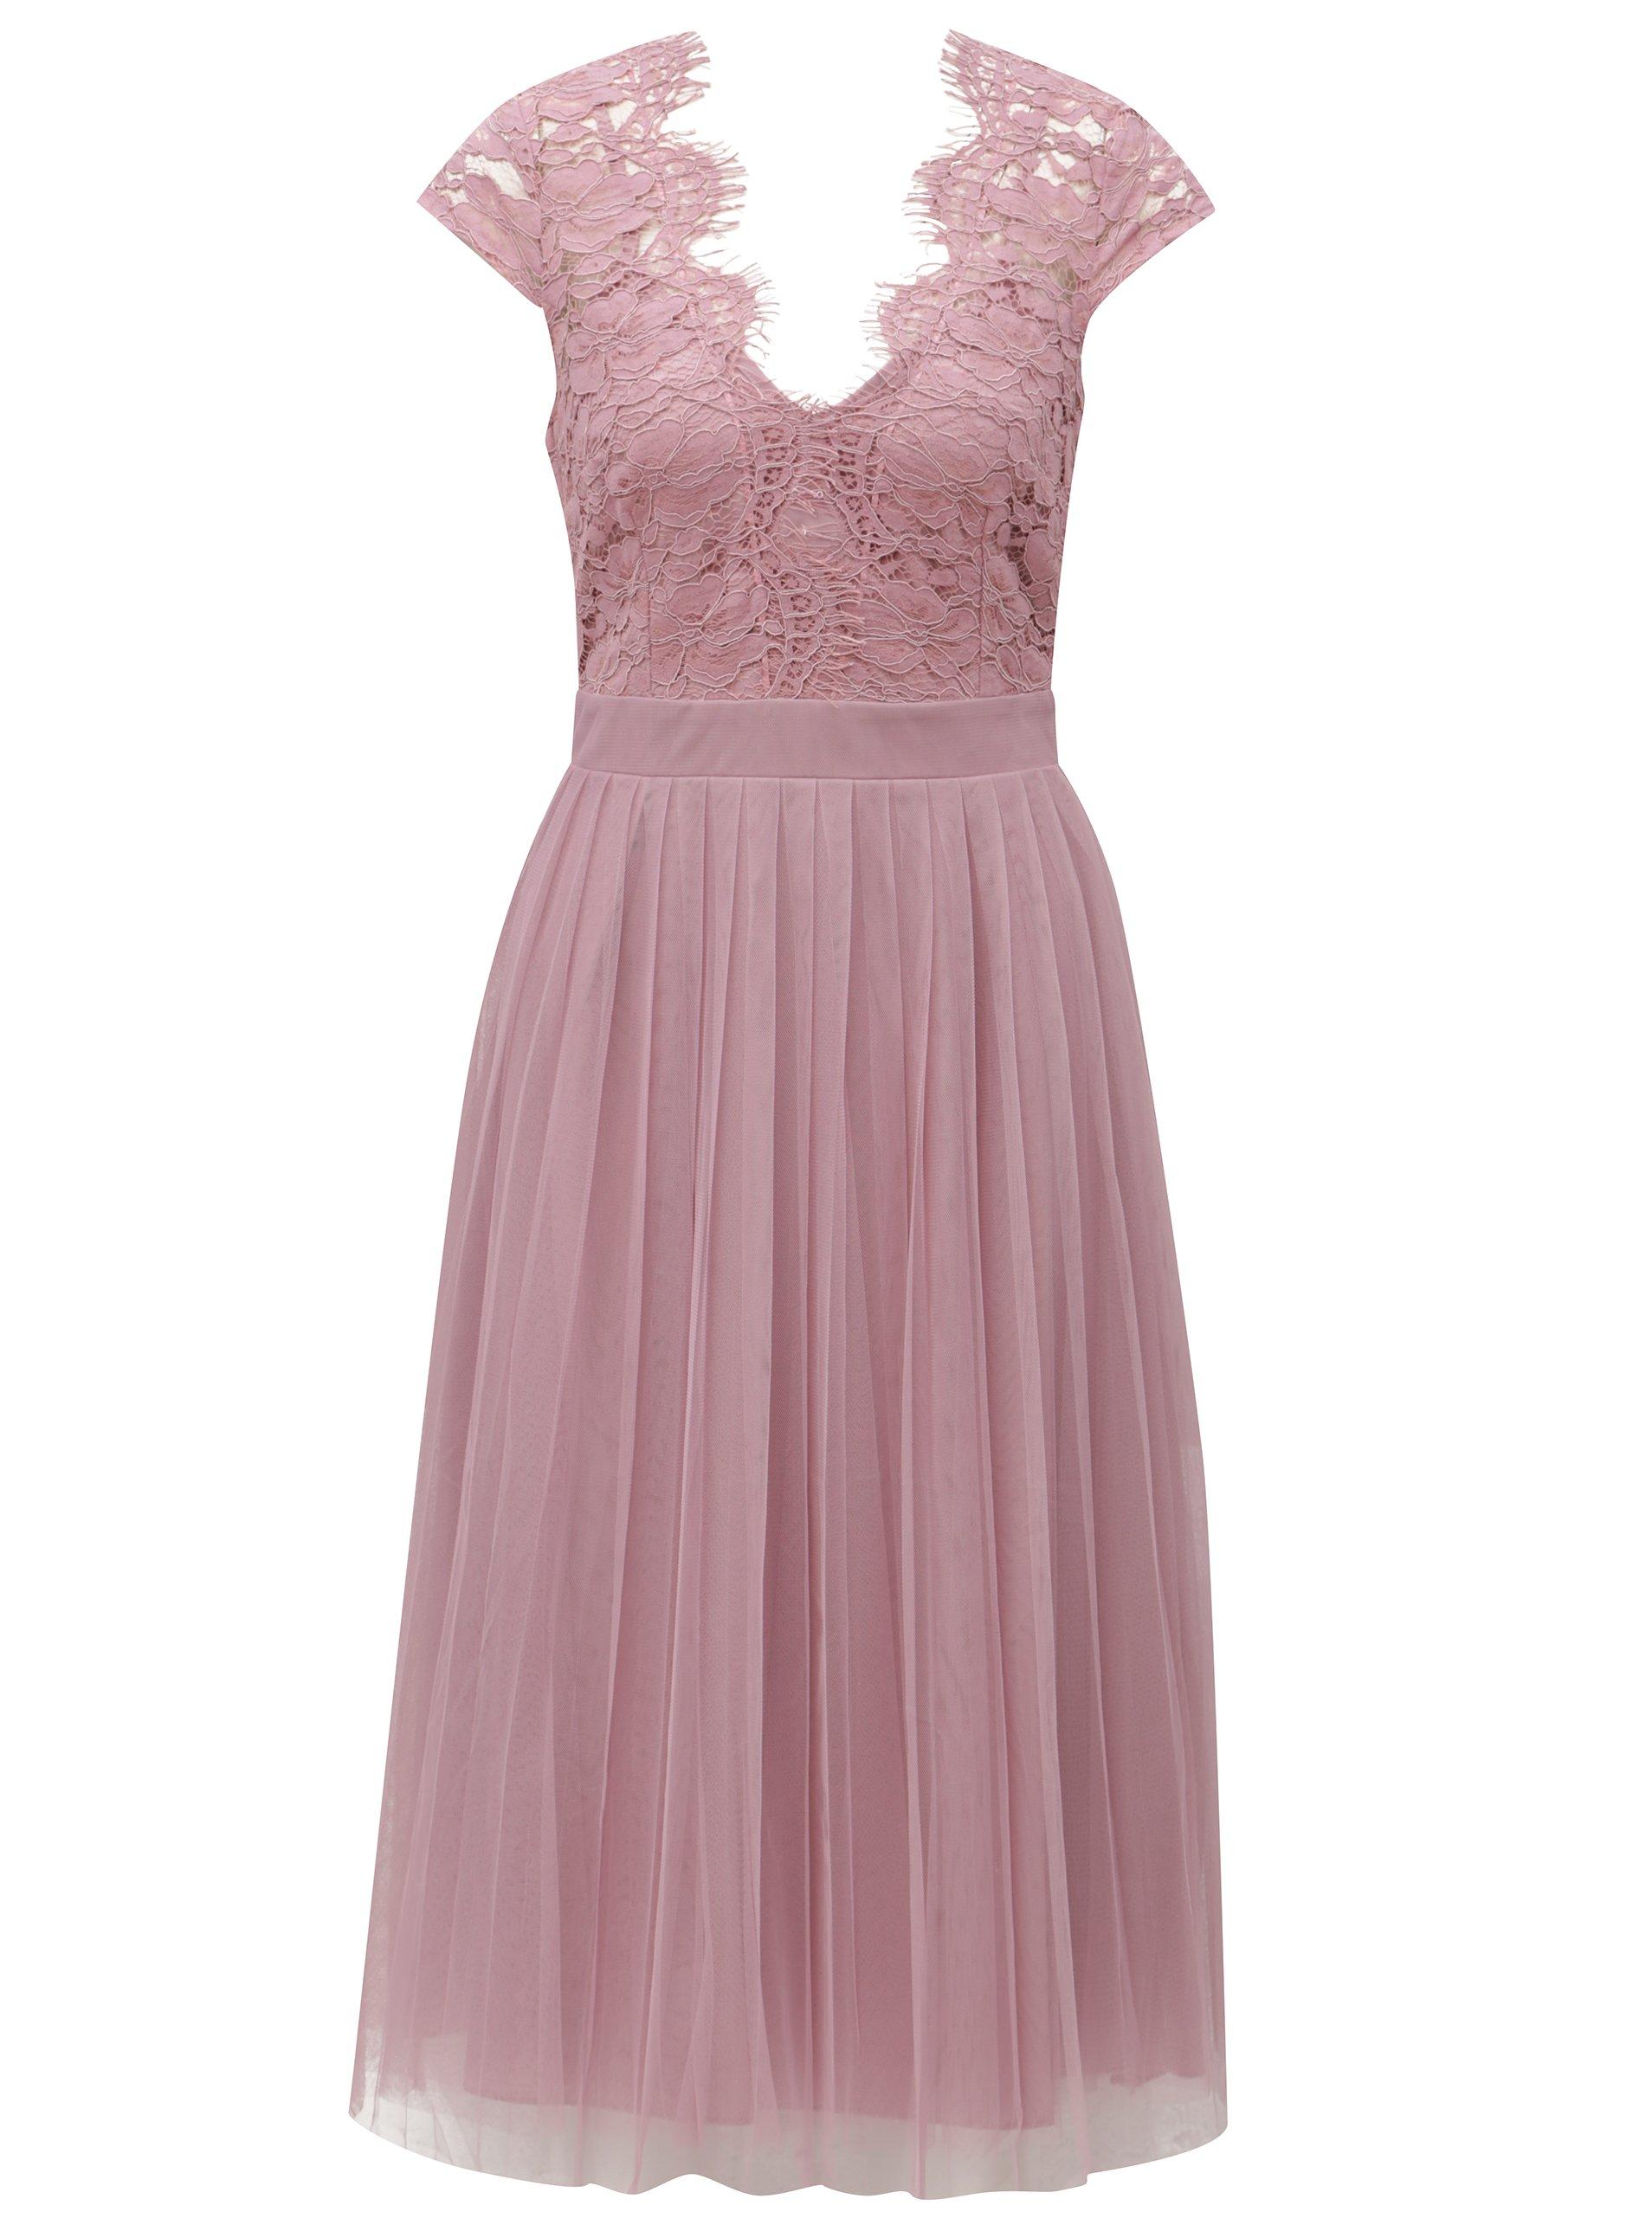 Staroružové šaty s tylovou sukňou Little Mistress